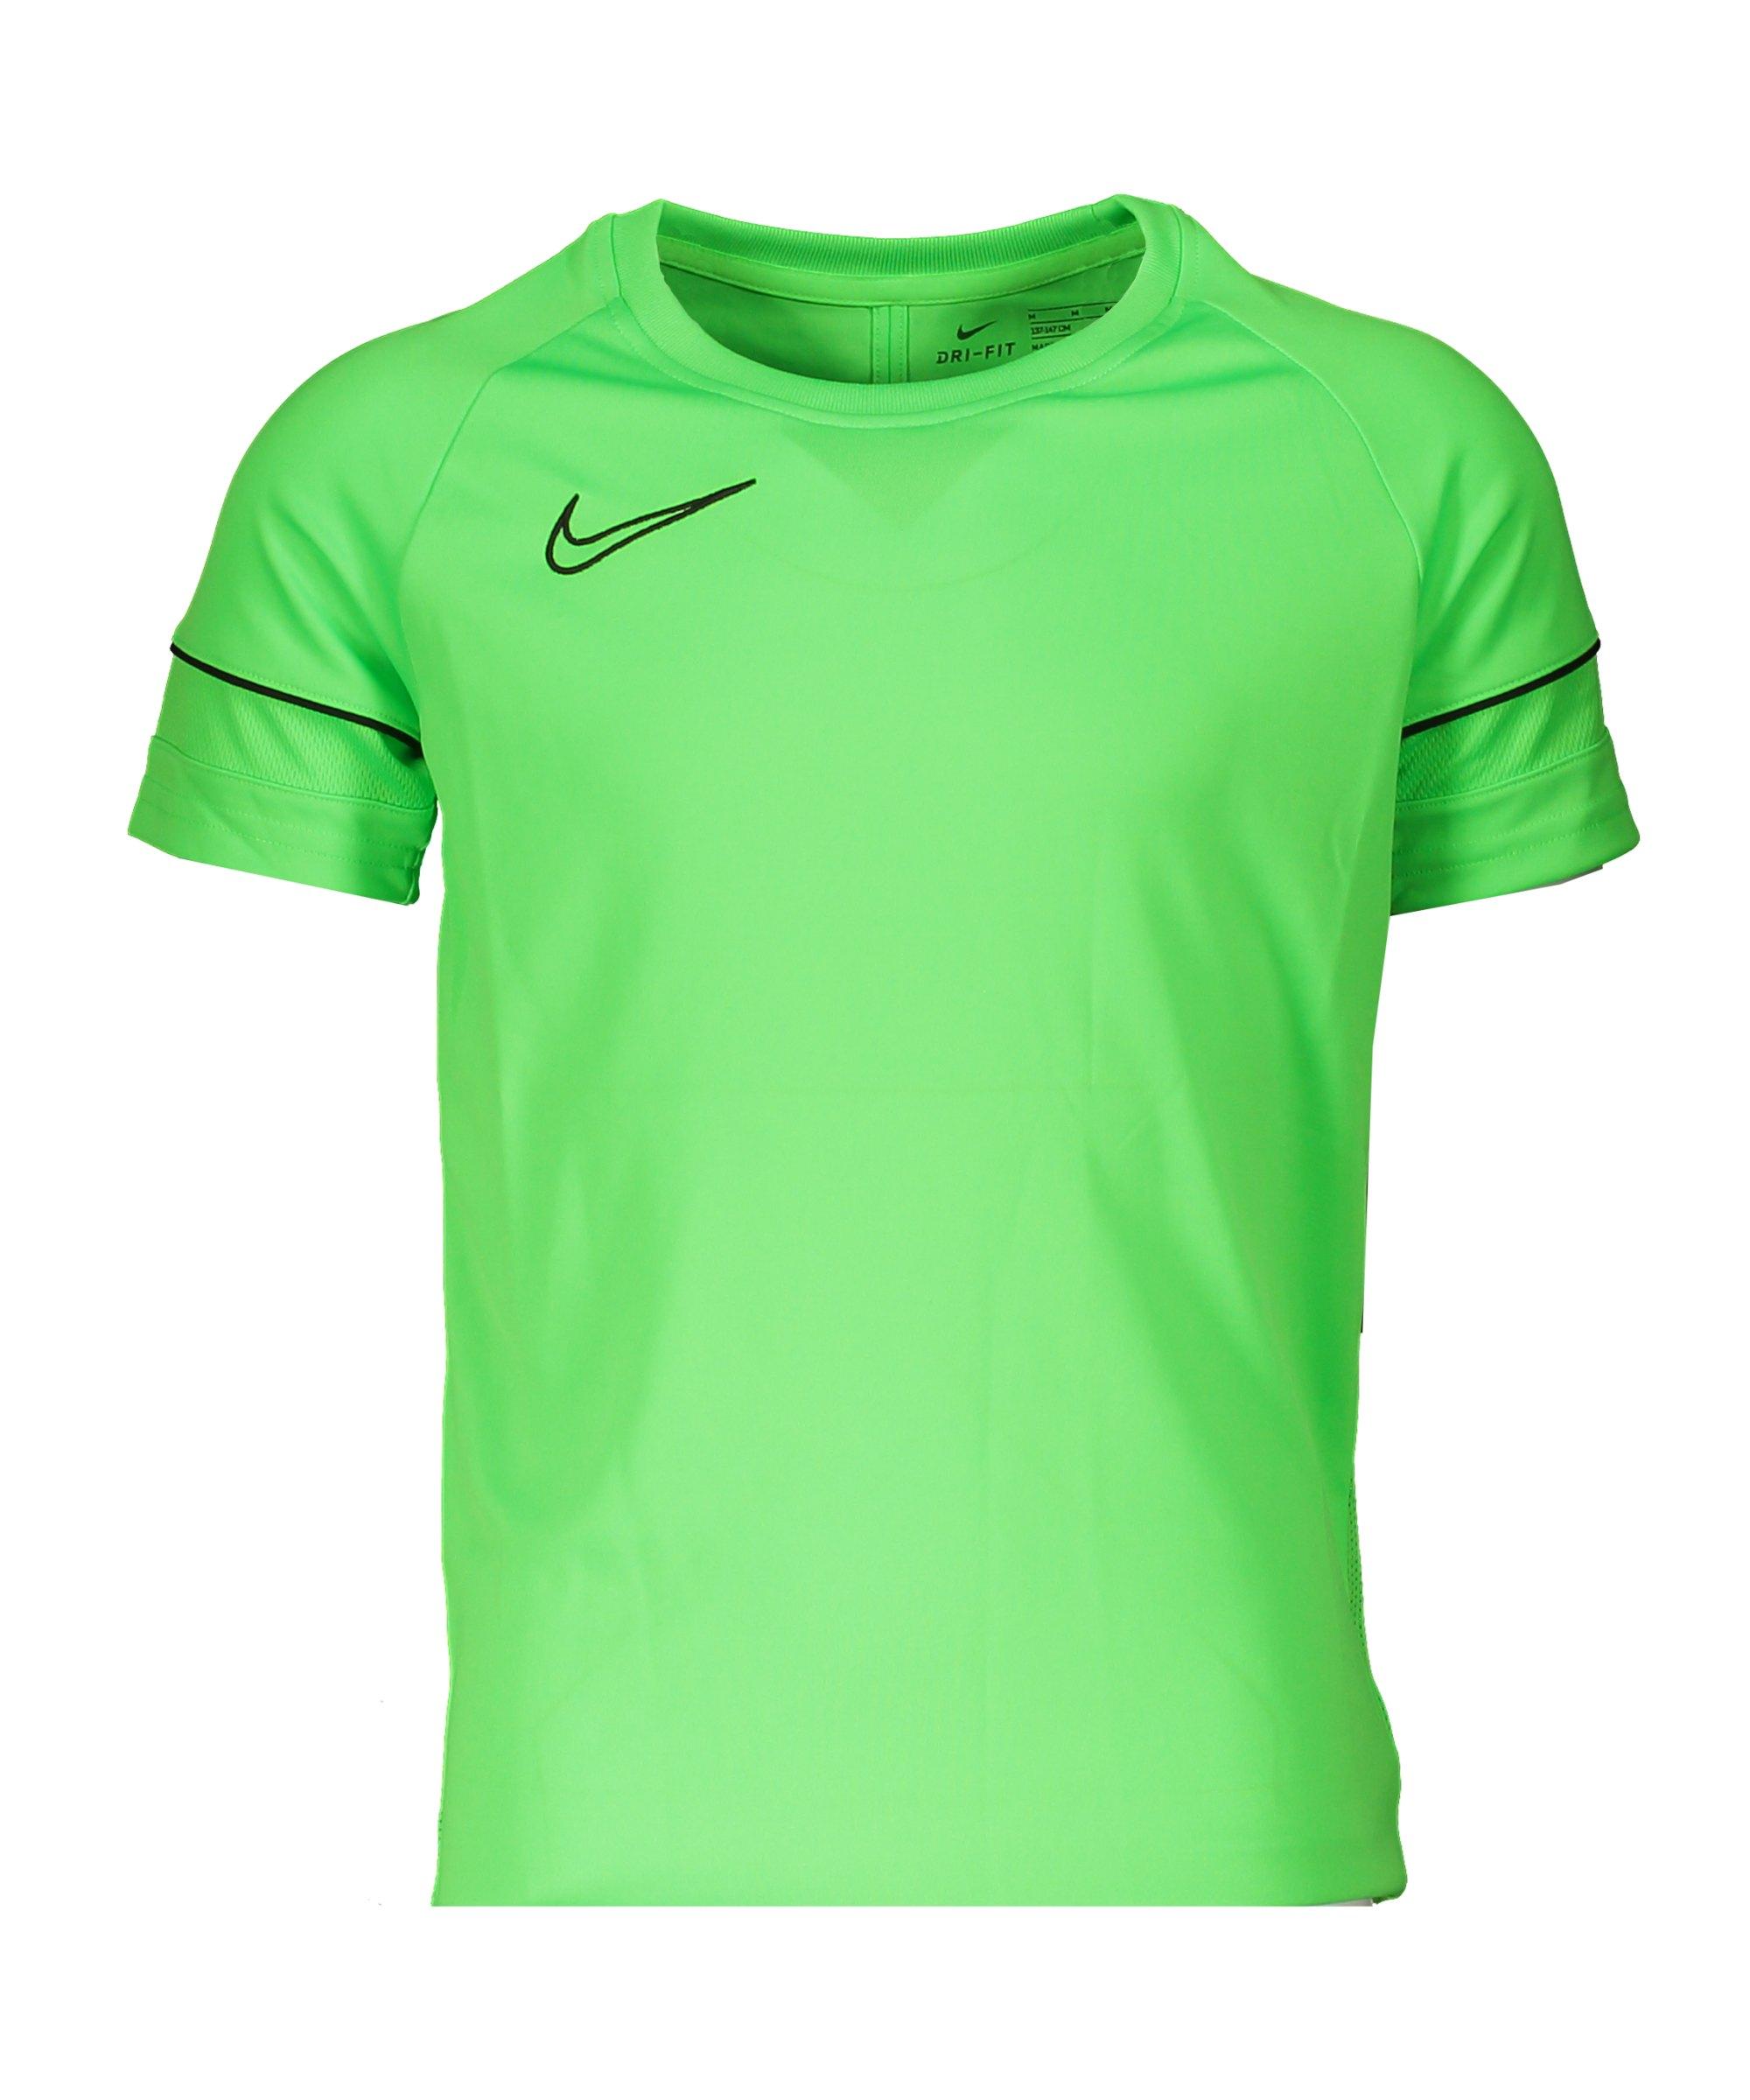 Nike Academy 21 T-Shirt Kids Grün F398 - gruen